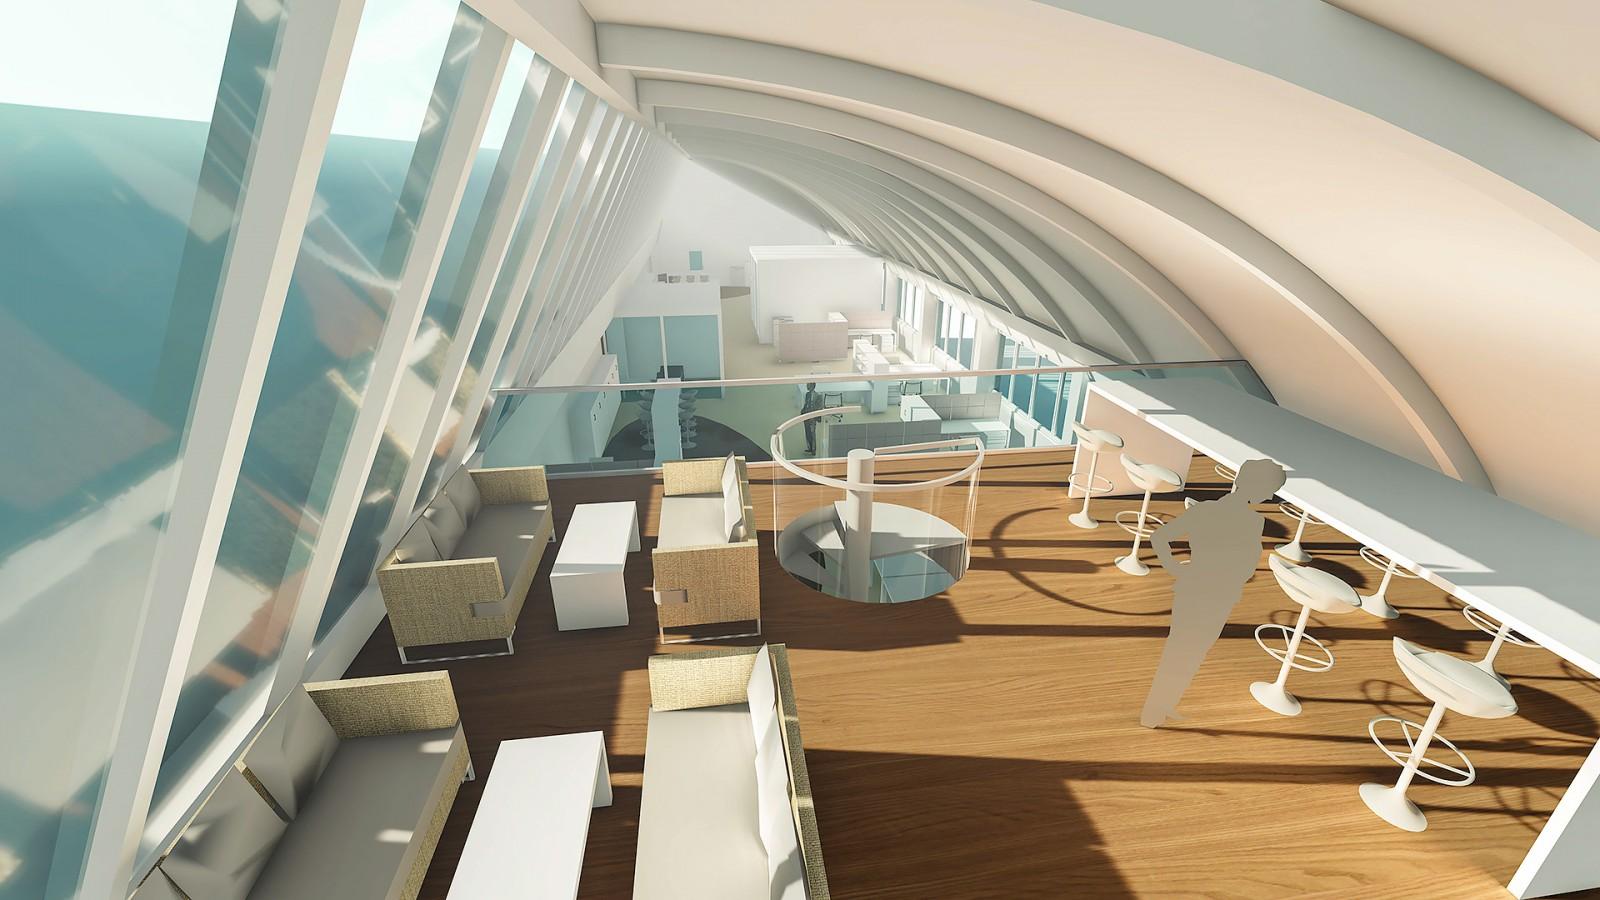 Planung Bosch Hildesheim | JUNG - Architekturbüro, Innenarchitekturbüro Hildesheim